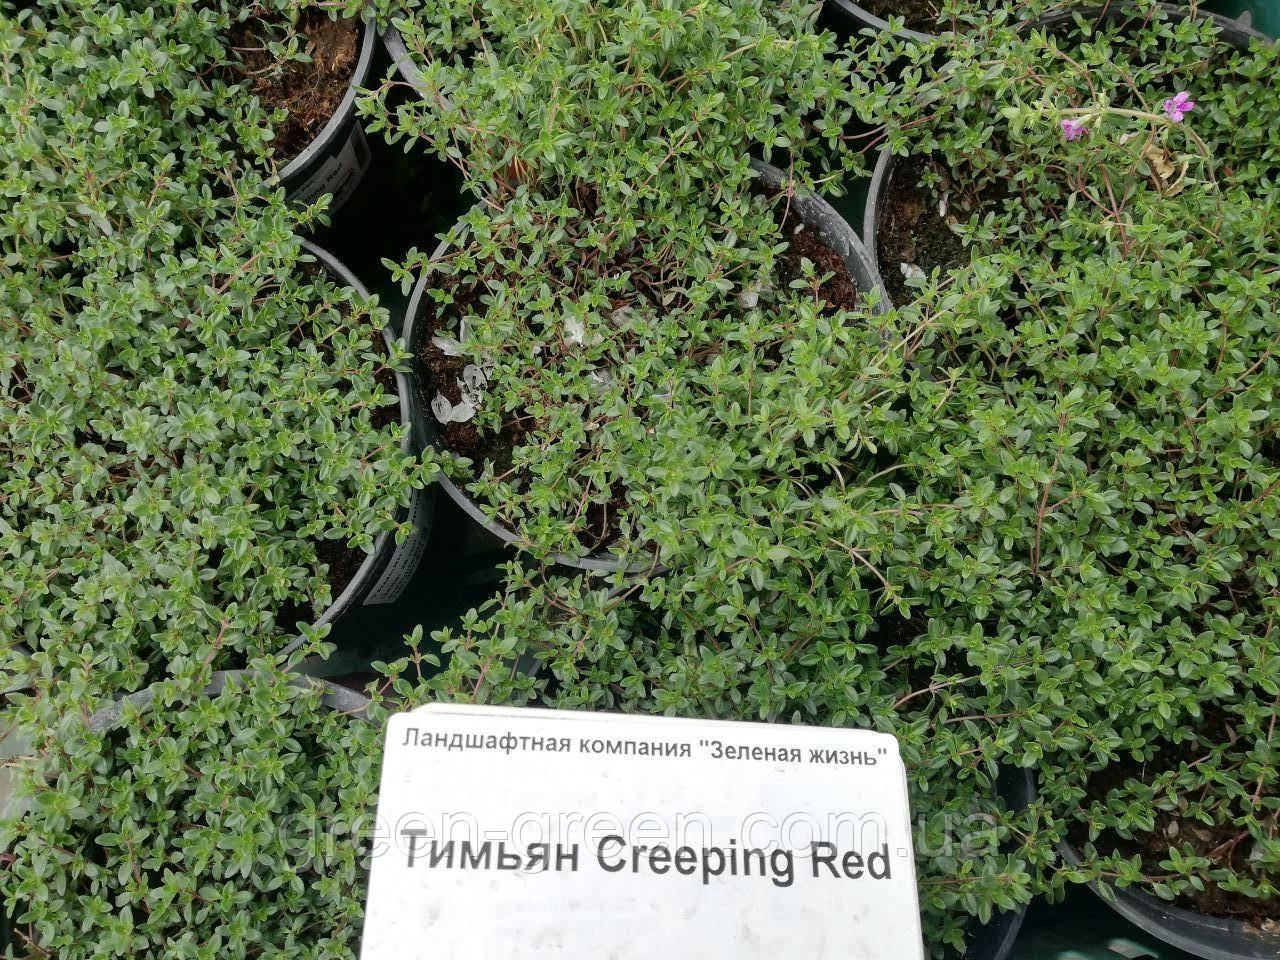 Тимьян Creeping Red, саженец